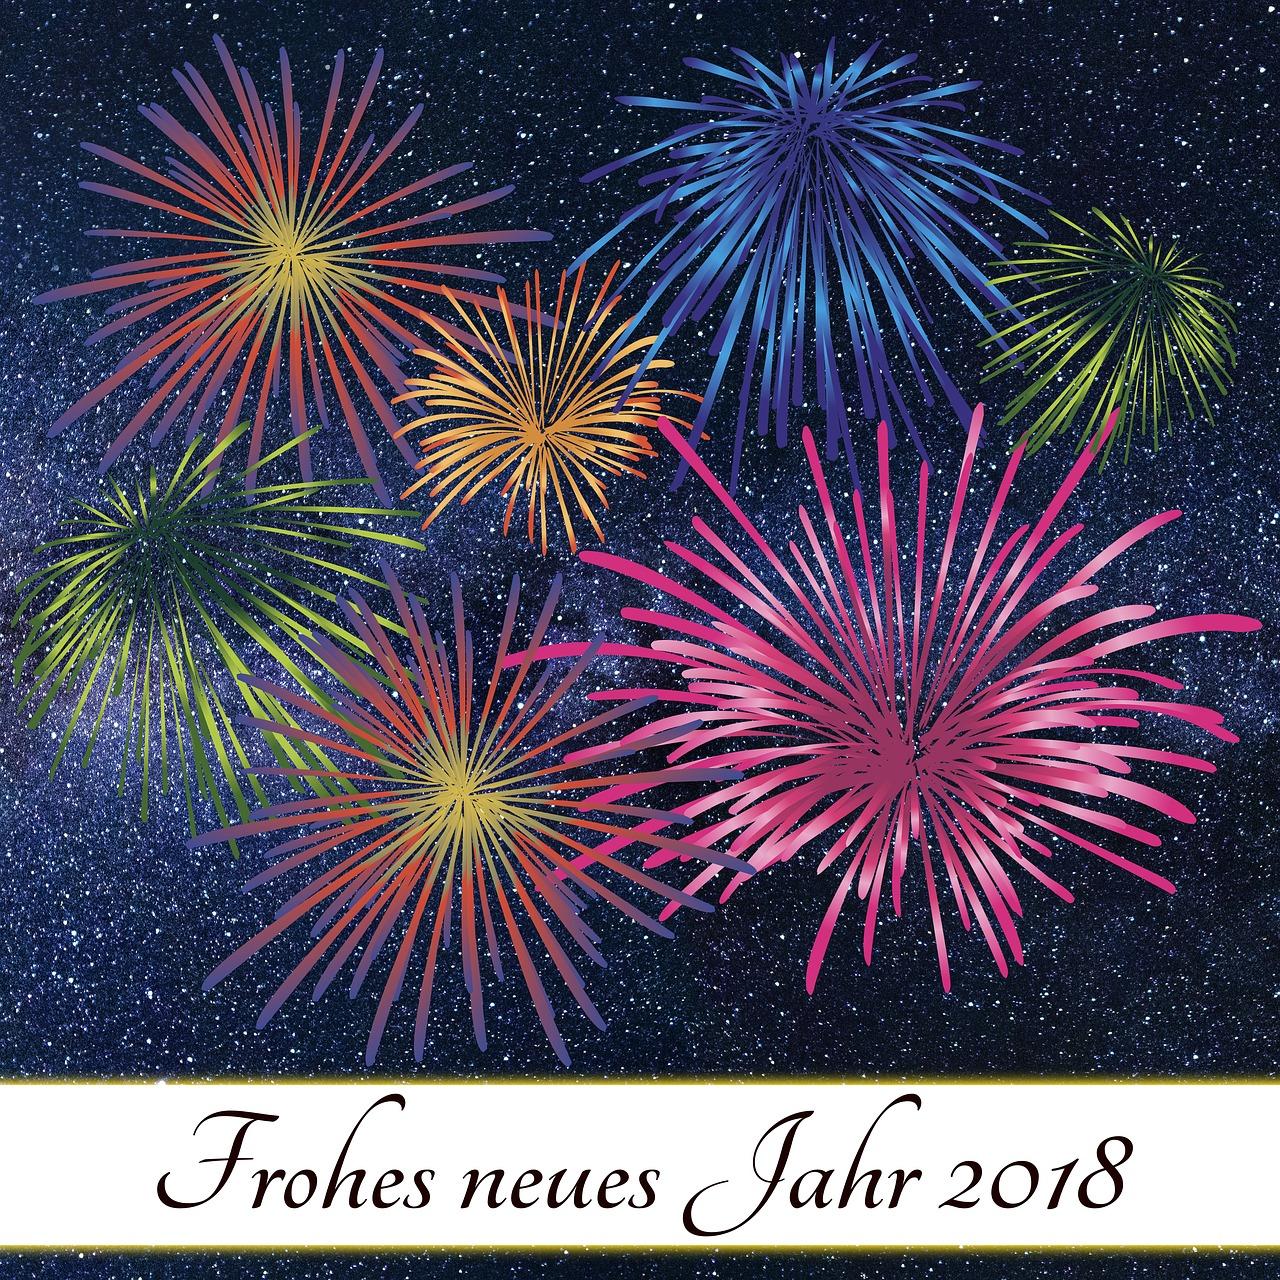 Der Queer-Treffpunkt aus Lüneburg: Frohes neues Jahr 2018